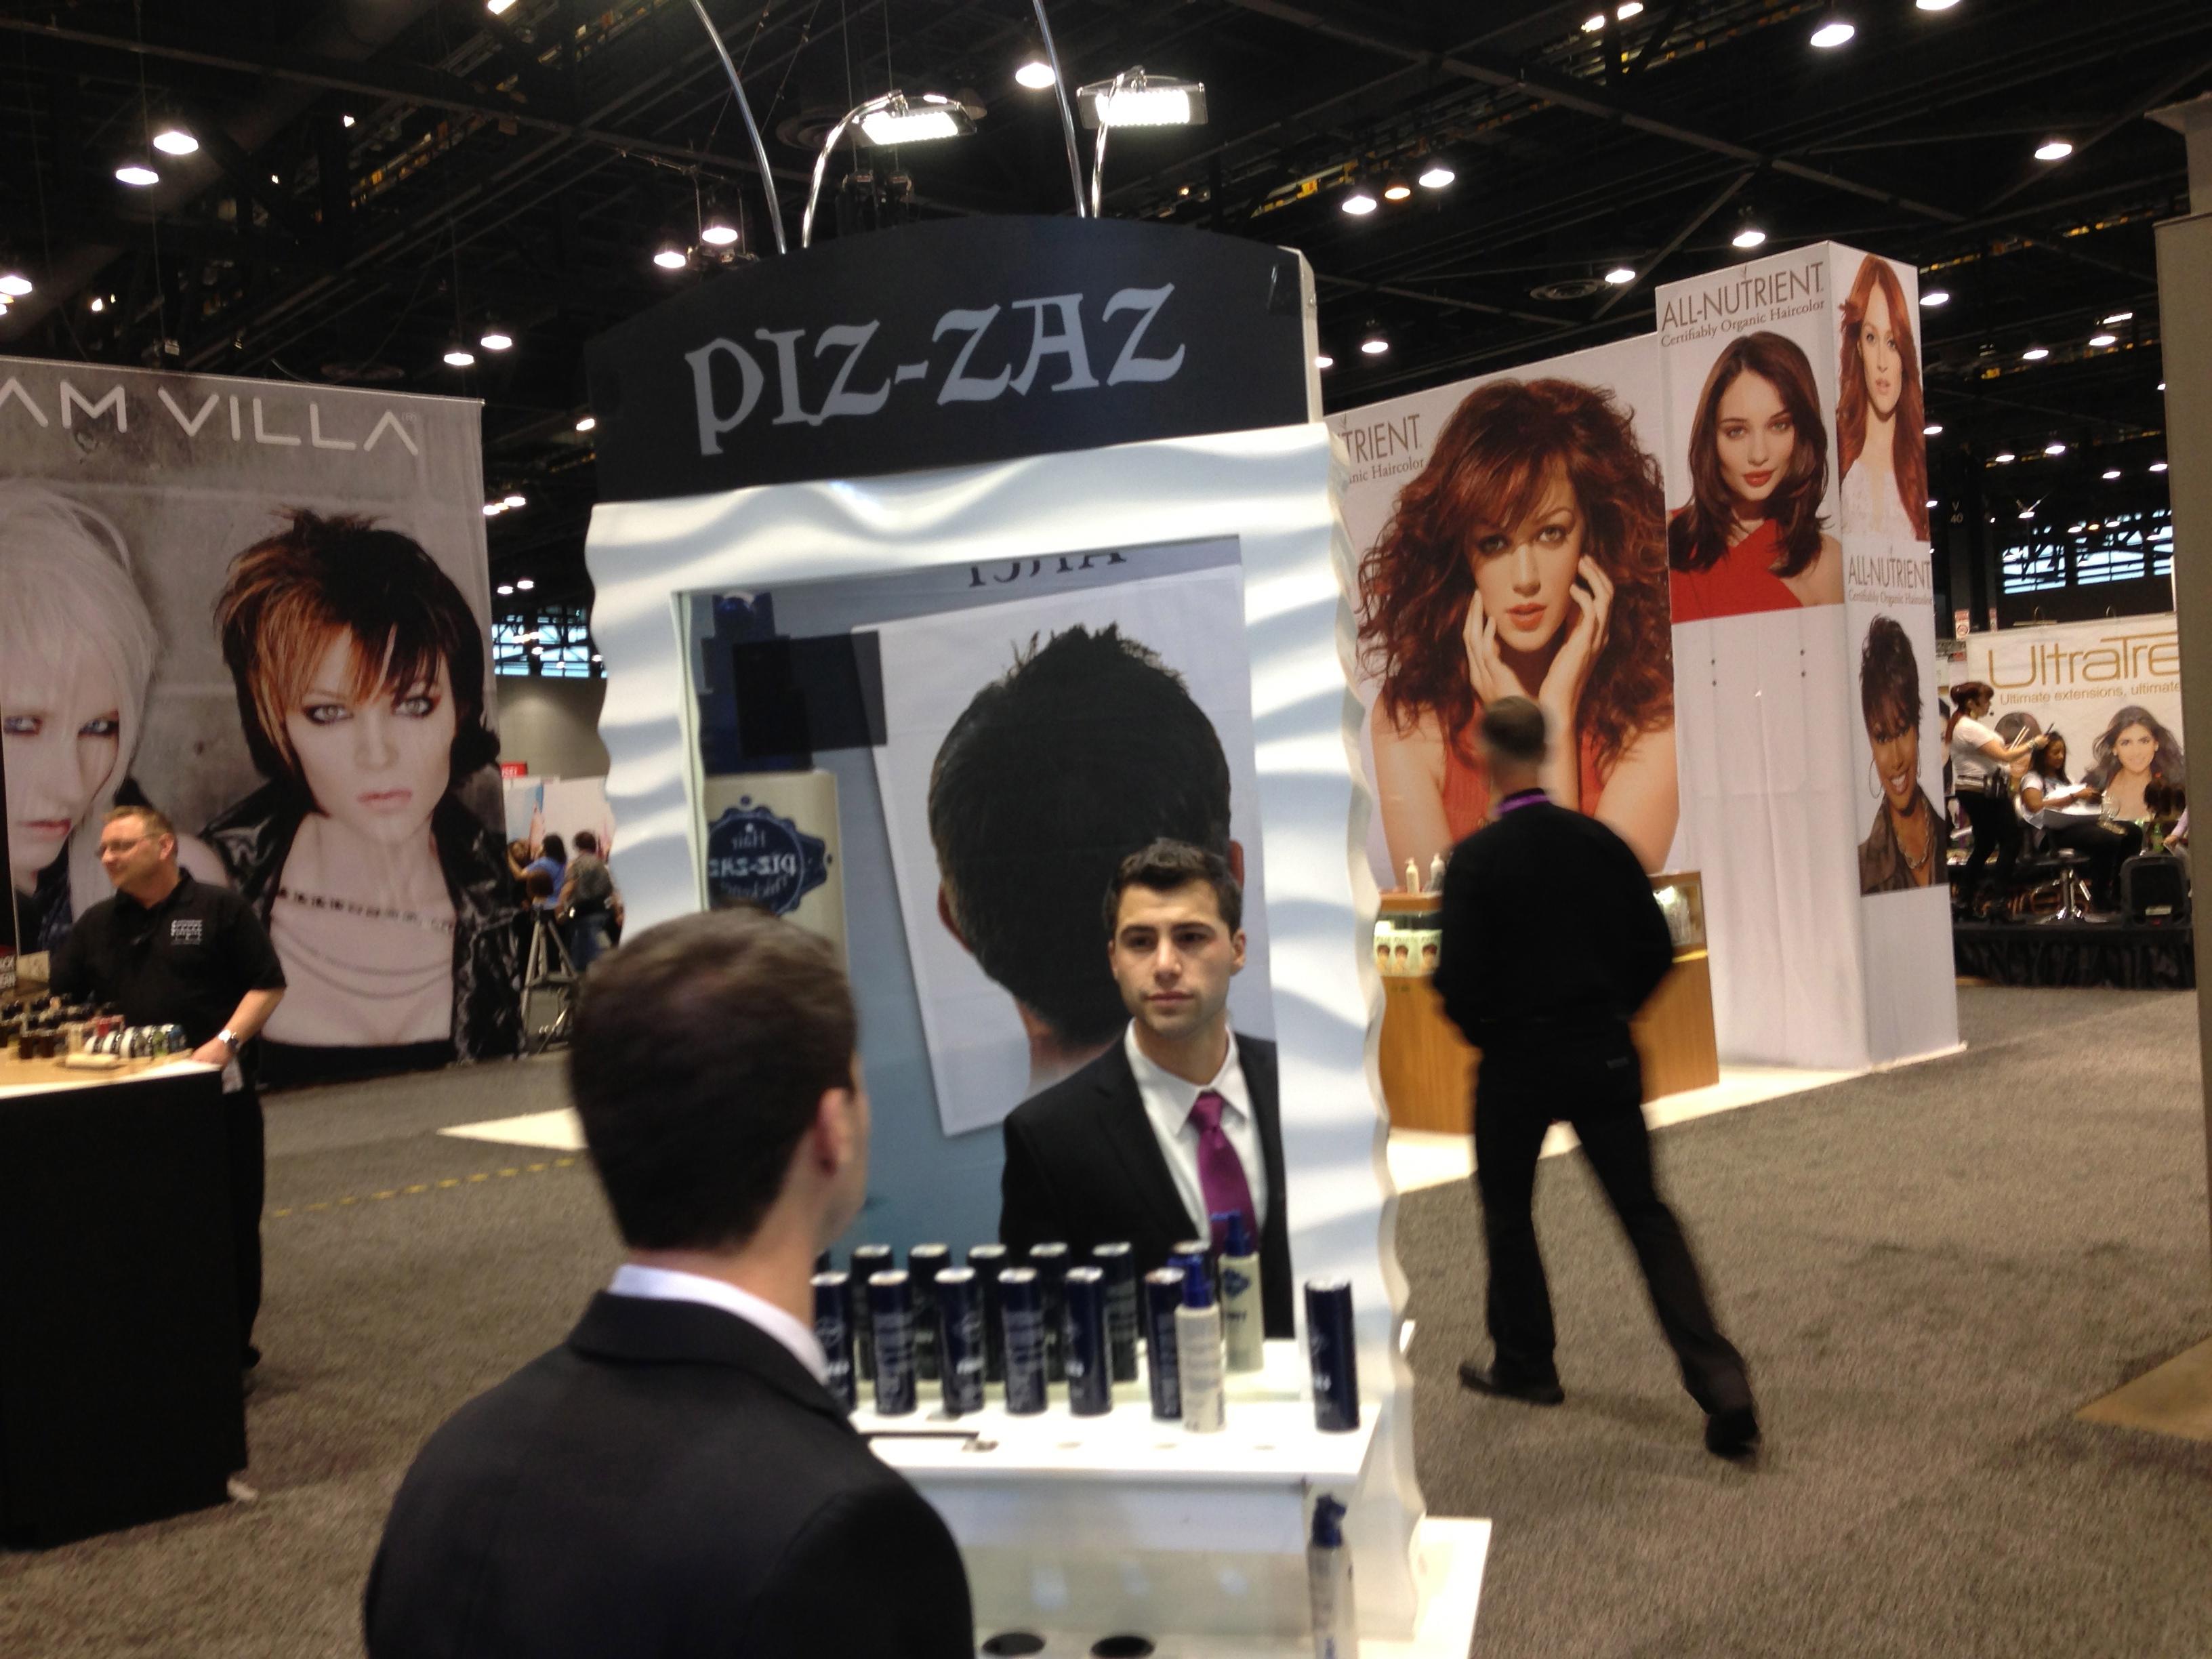 piz-zaz-fiber1.jpg